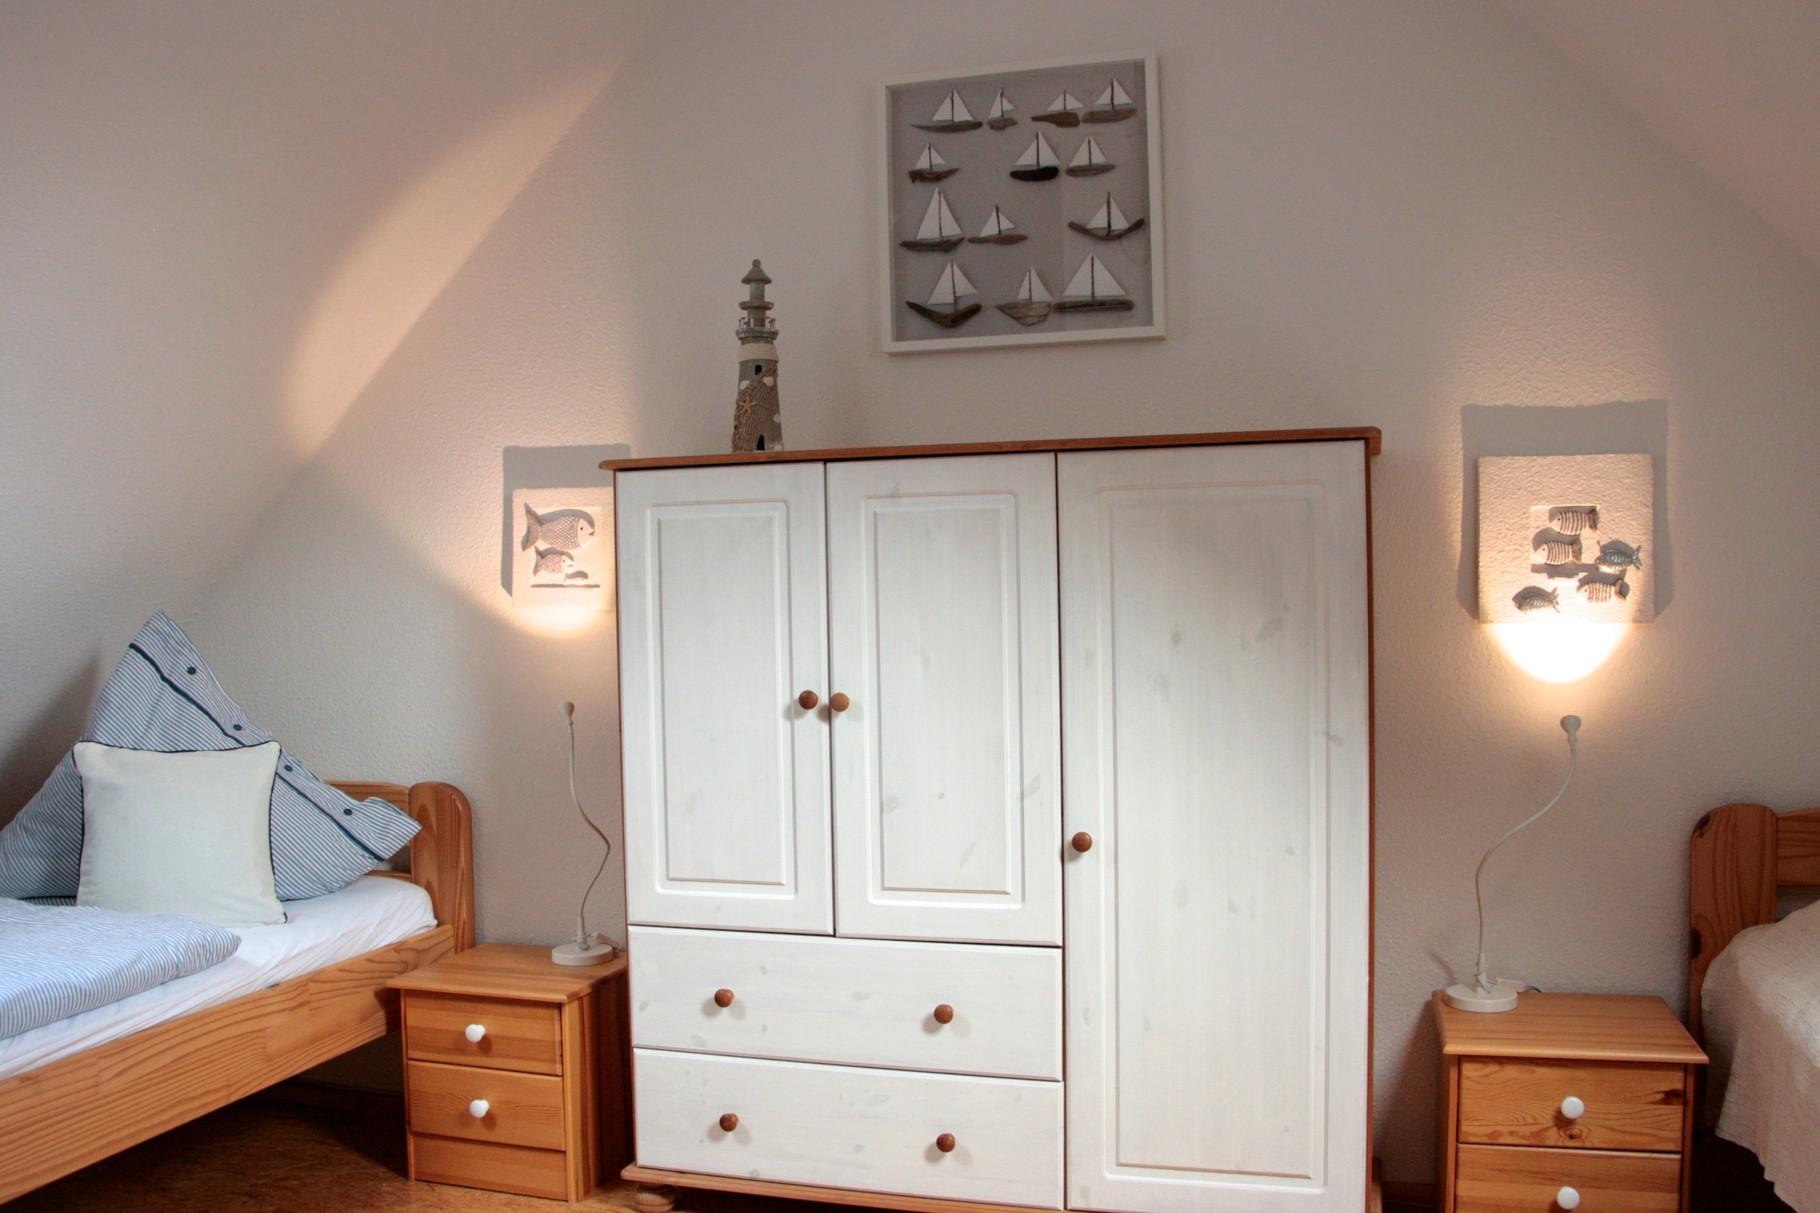 die Schlafgalerie im Dachboden mit zwei Einzelbetten...